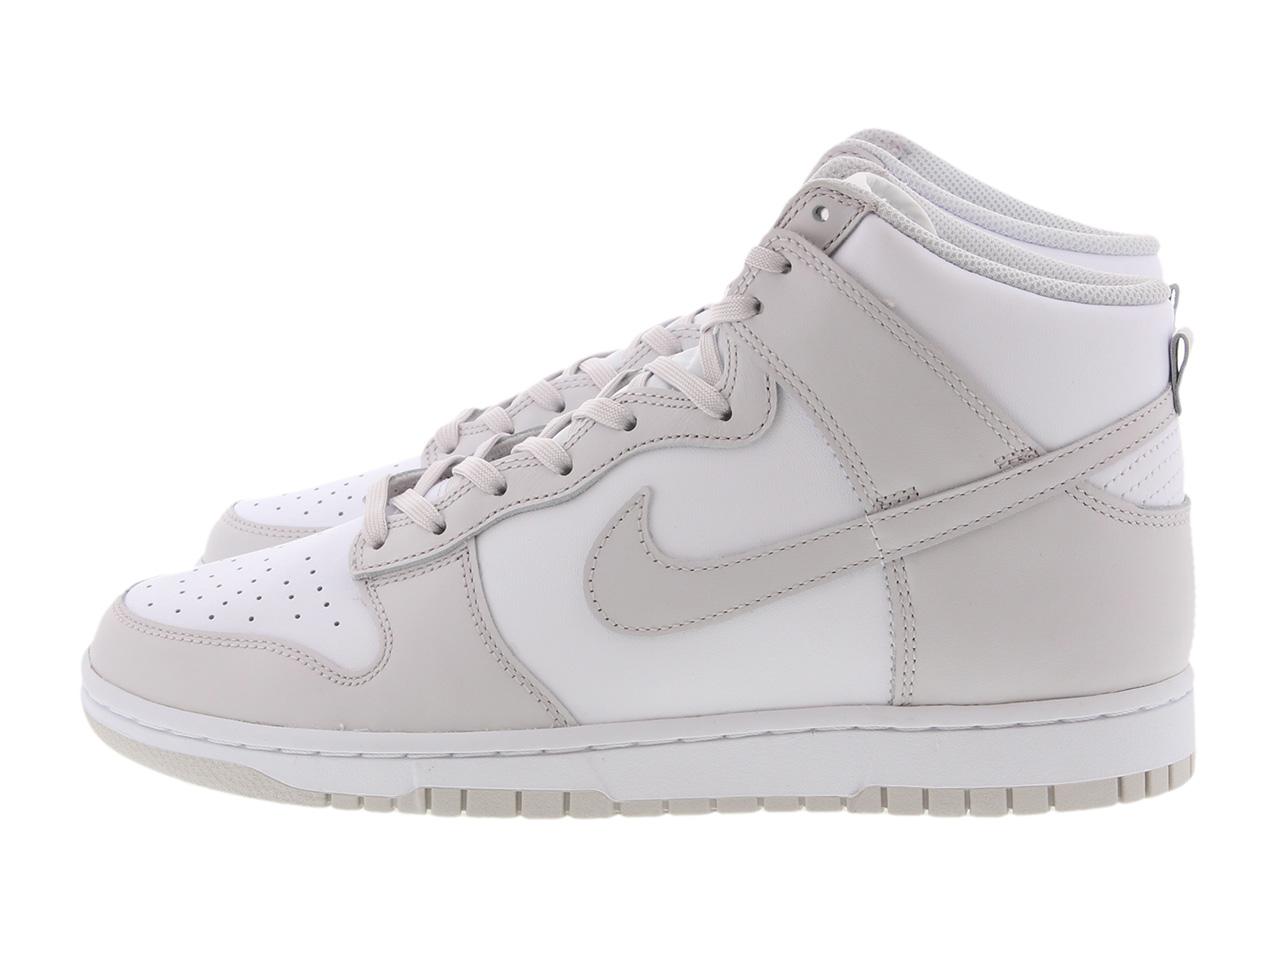 """ナイキ ダンク ハイ """"バスト グレー"""" Nike-Dunk-High-Vast-Grey-DD1399-100-pair"""